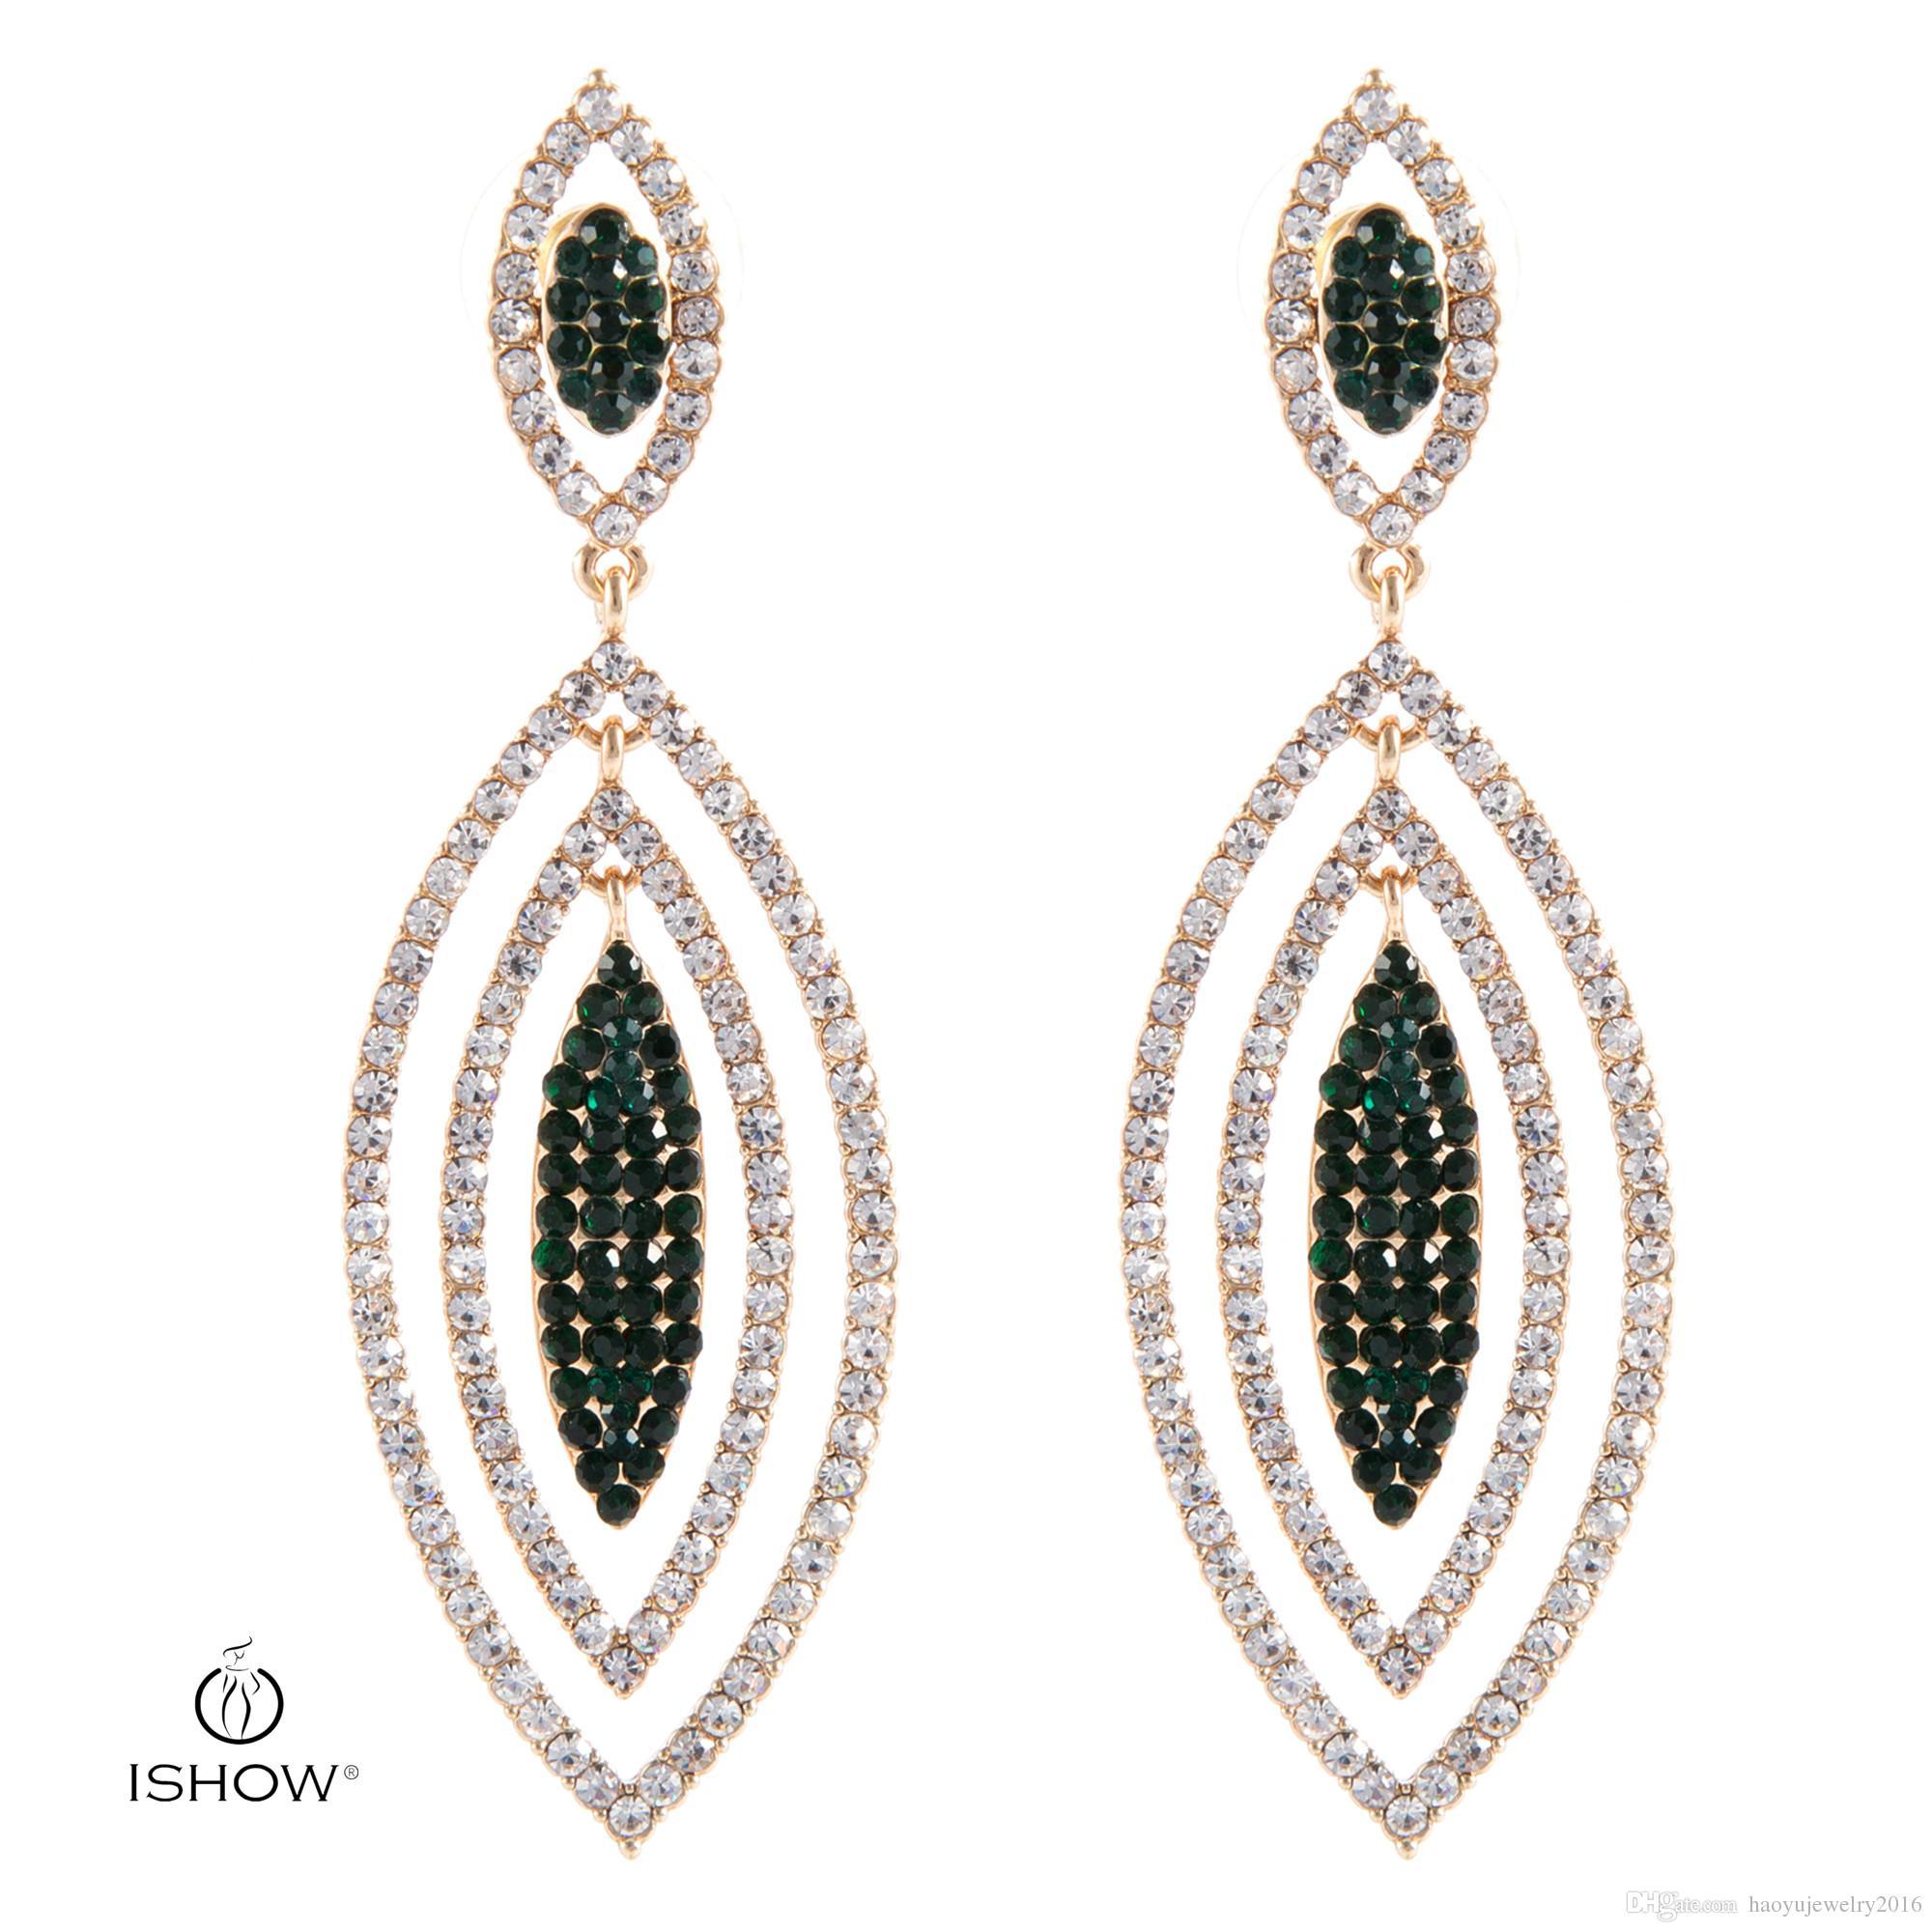 2017 New Long Earrings Women Leaf Bridal Green Crystal Jewelry